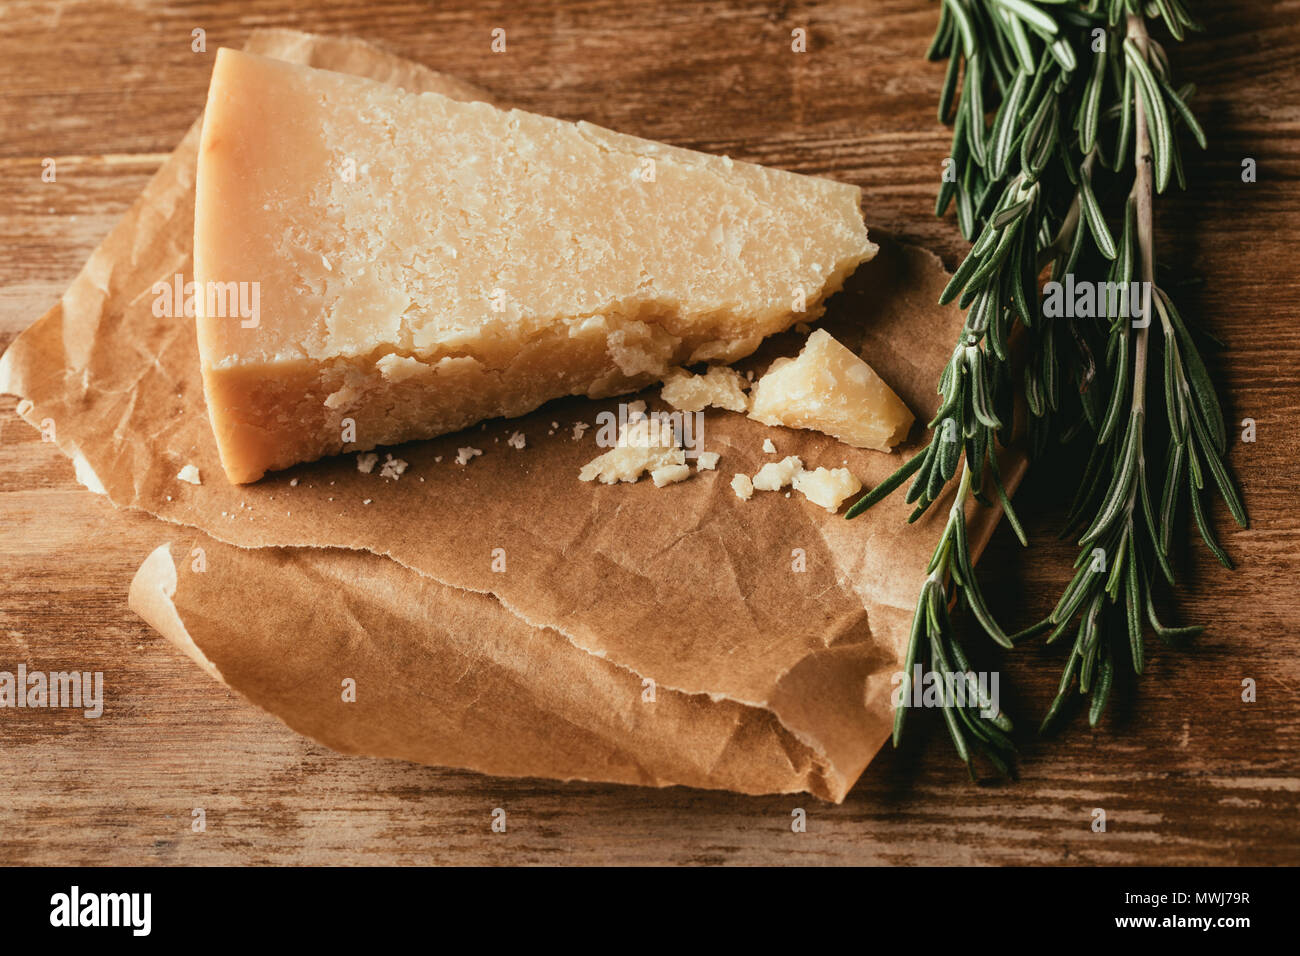 Vue de dessus de fromage Parmesan et romarin frais sur table en bois Photo Stock